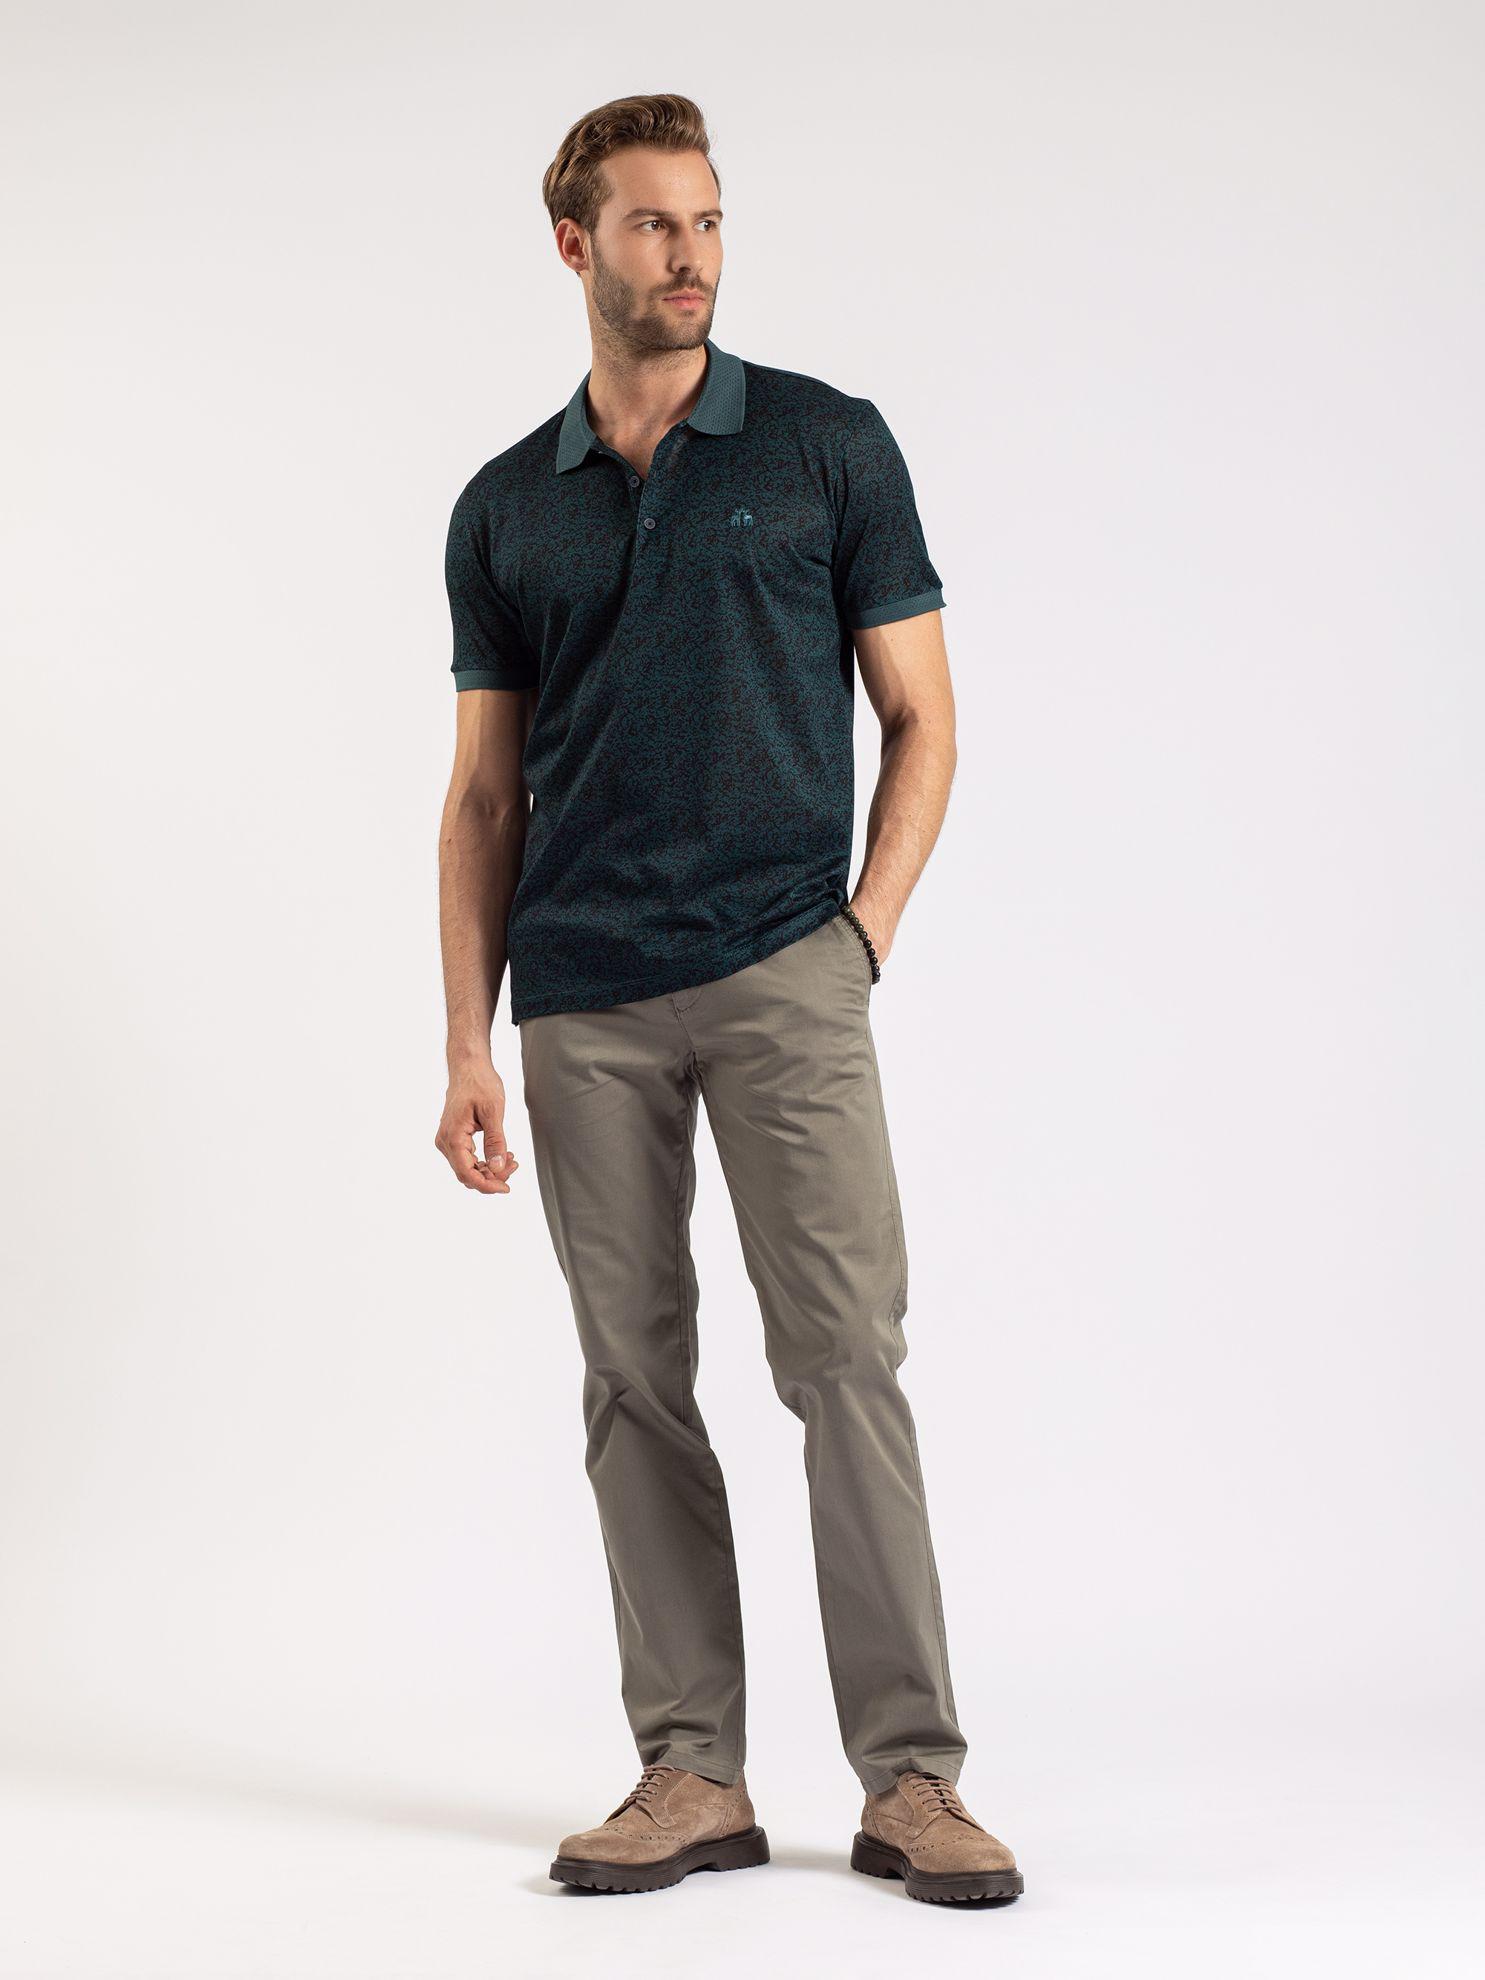 Karaca Erkek Slım Fıt Polo Yaka Tişört-Petrol. ürün görseli